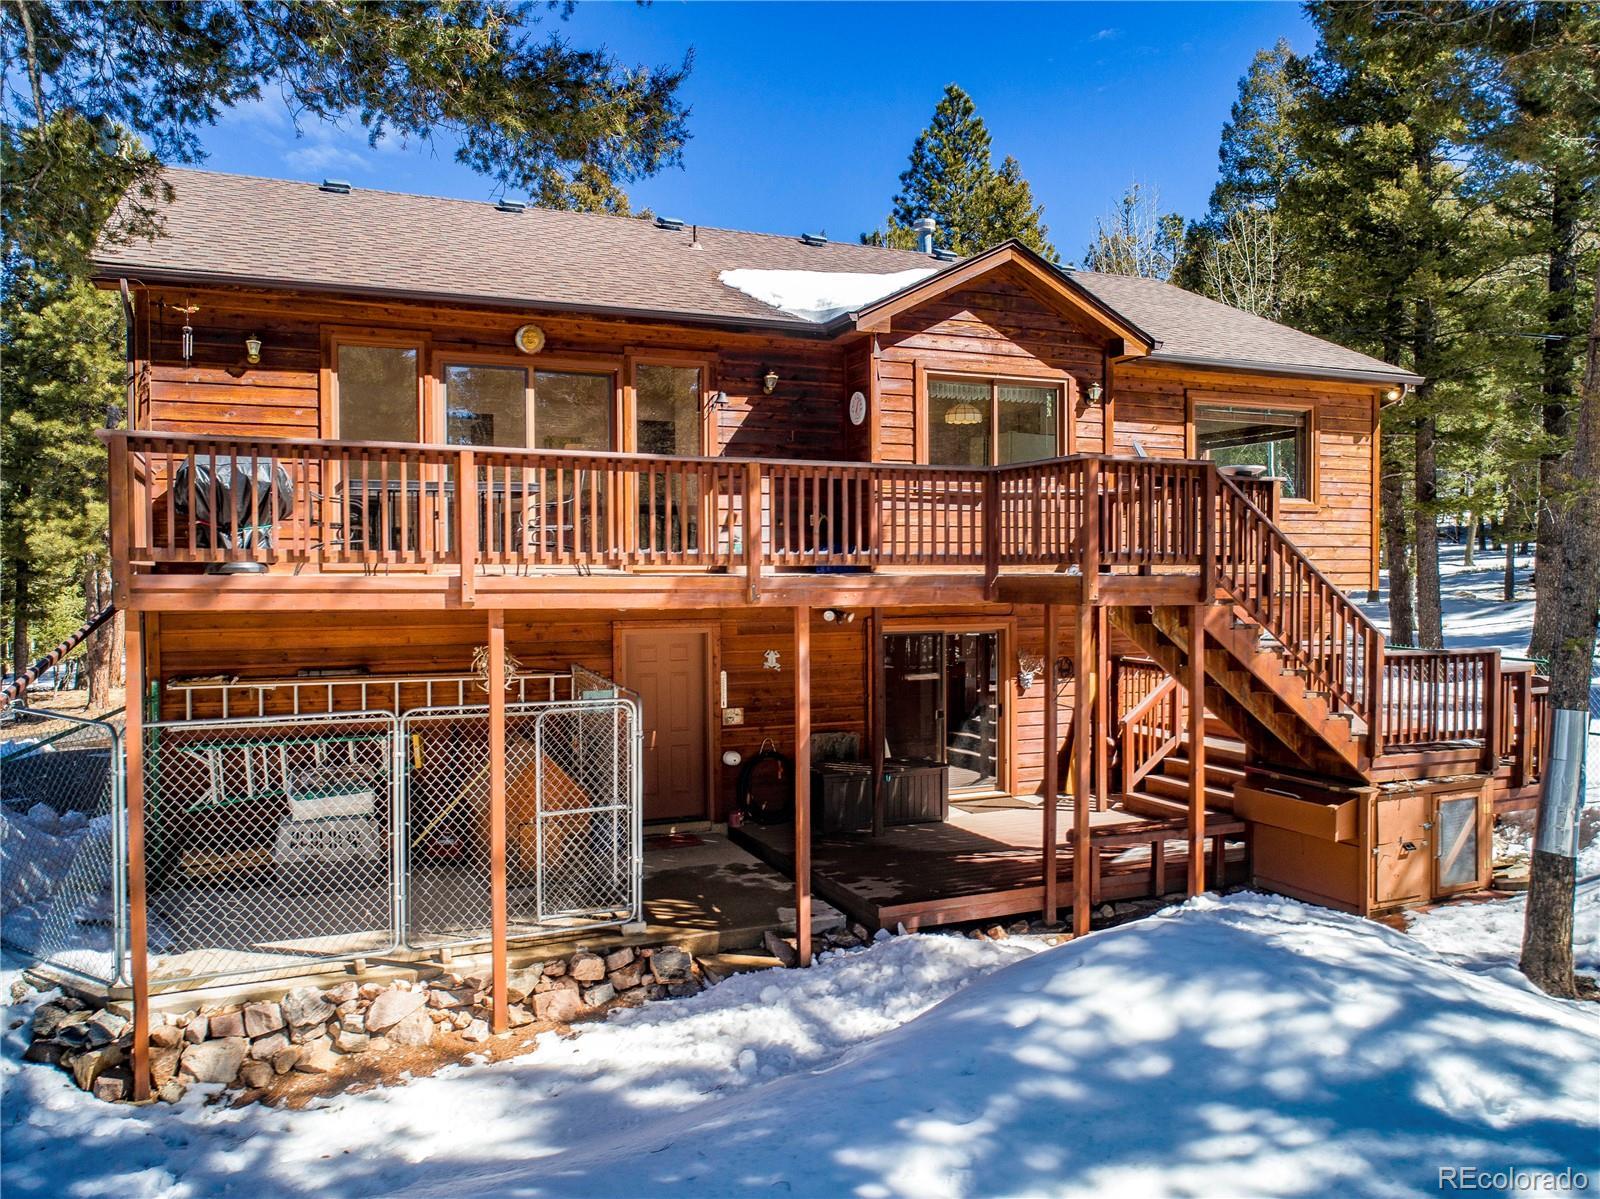 MLS# 3744542 - 3 - 13281 Callae Drive, Conifer, CO 80433